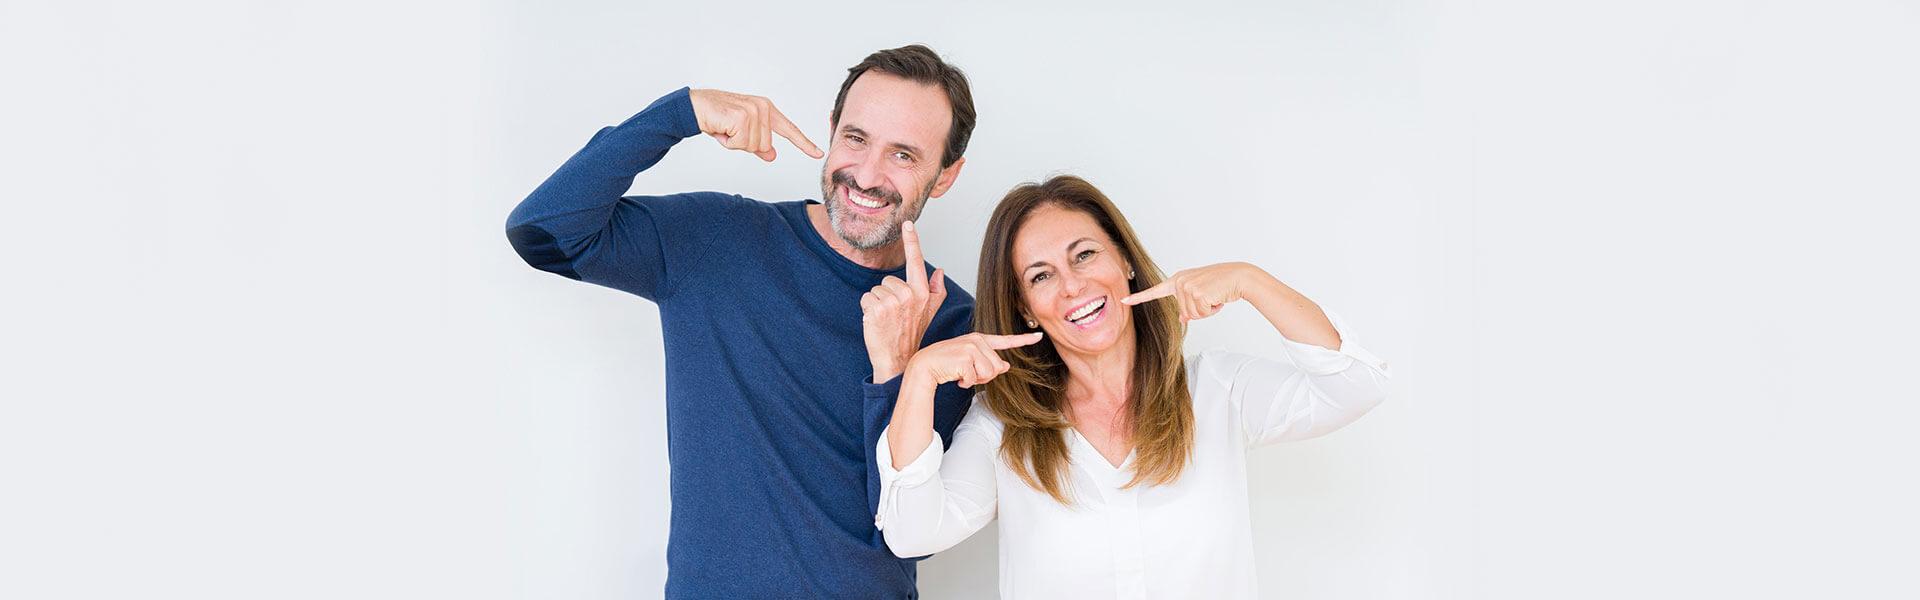 Teeth Whitening in Dublin, CA